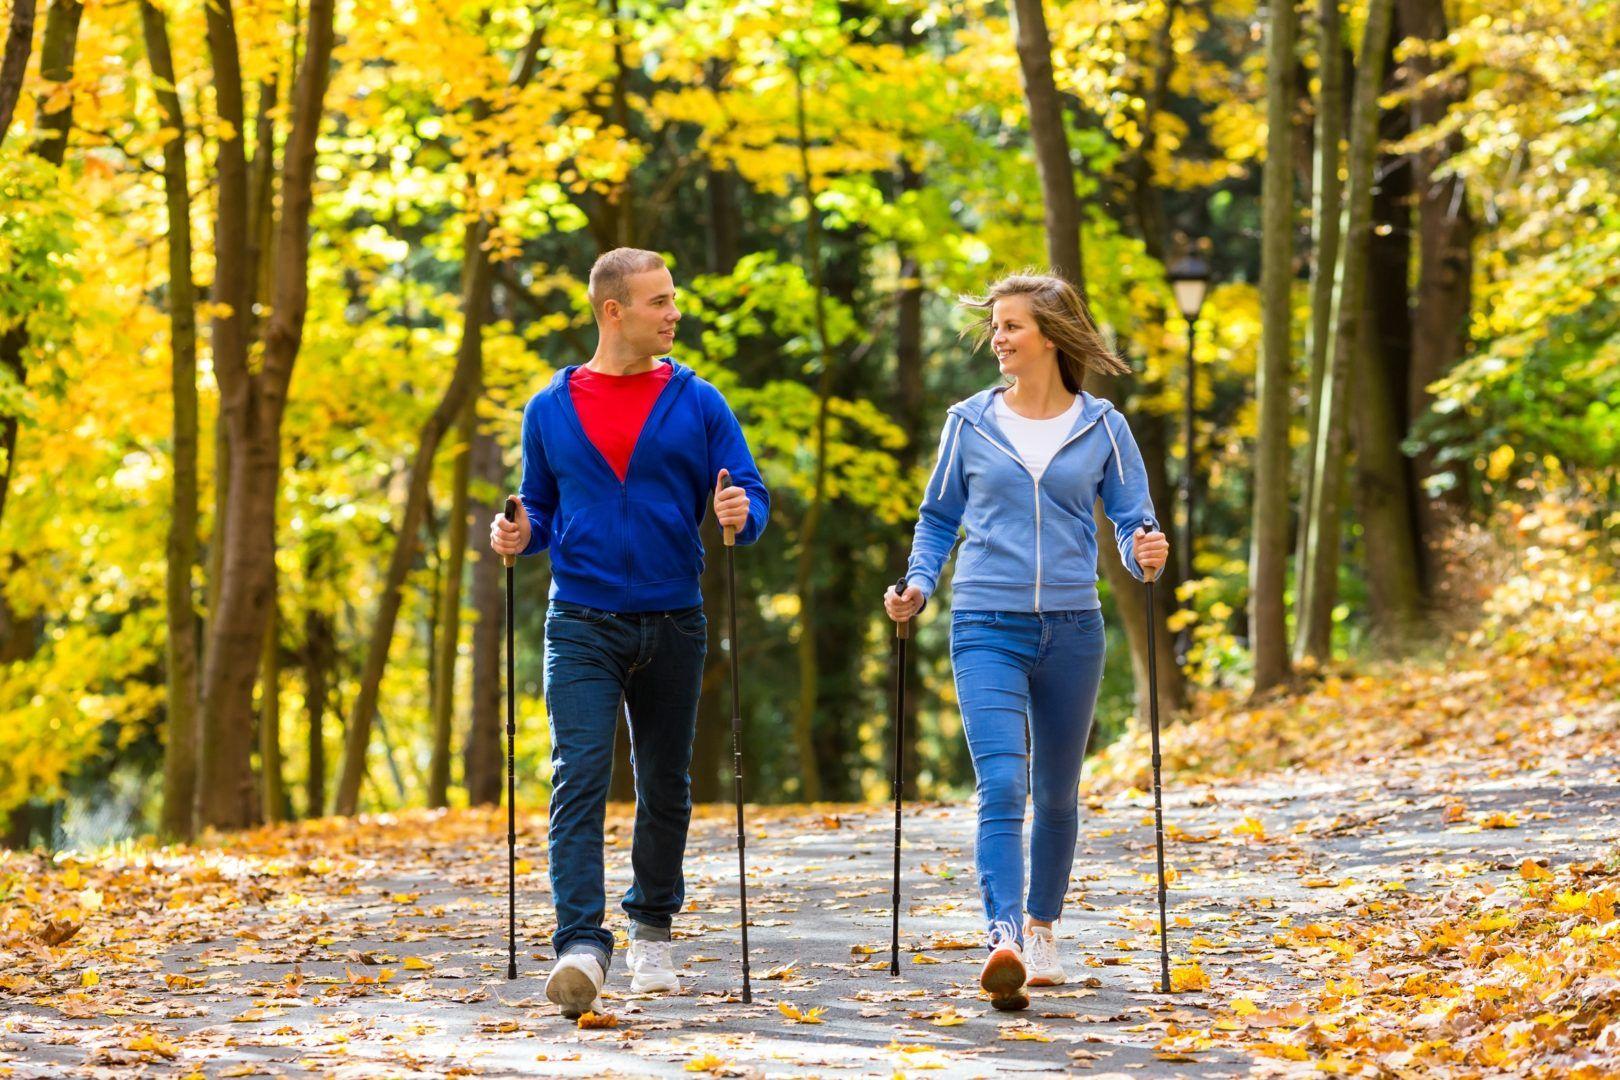 aktywność fizyczna - hiking